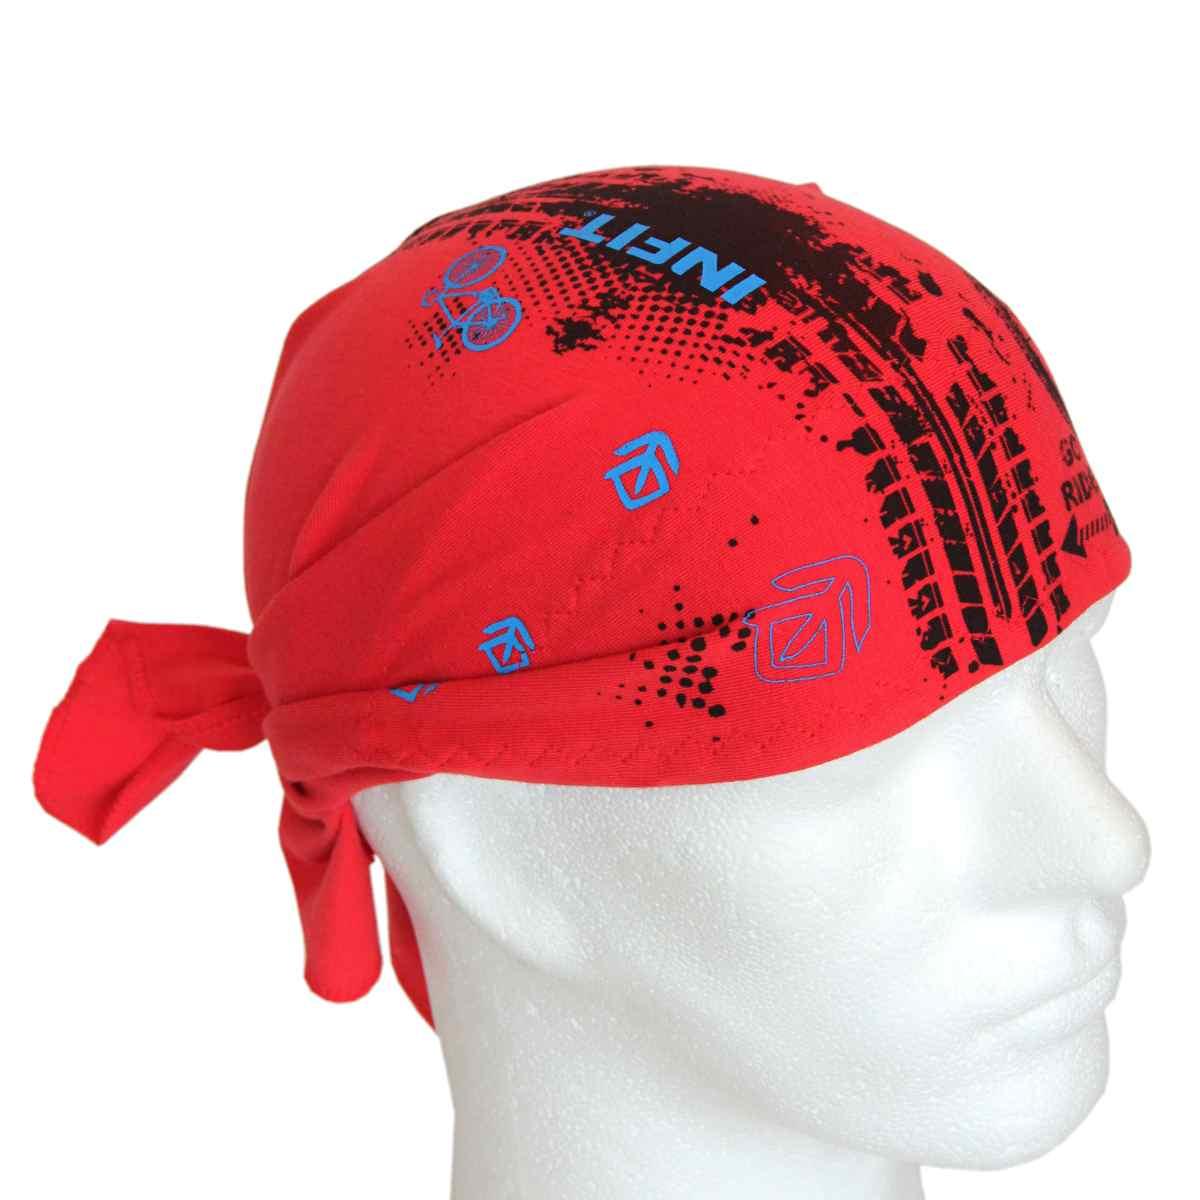 Pirát trojúhelníkový šátek dvouvrstvý červený vzor Pneu 630e5811d5